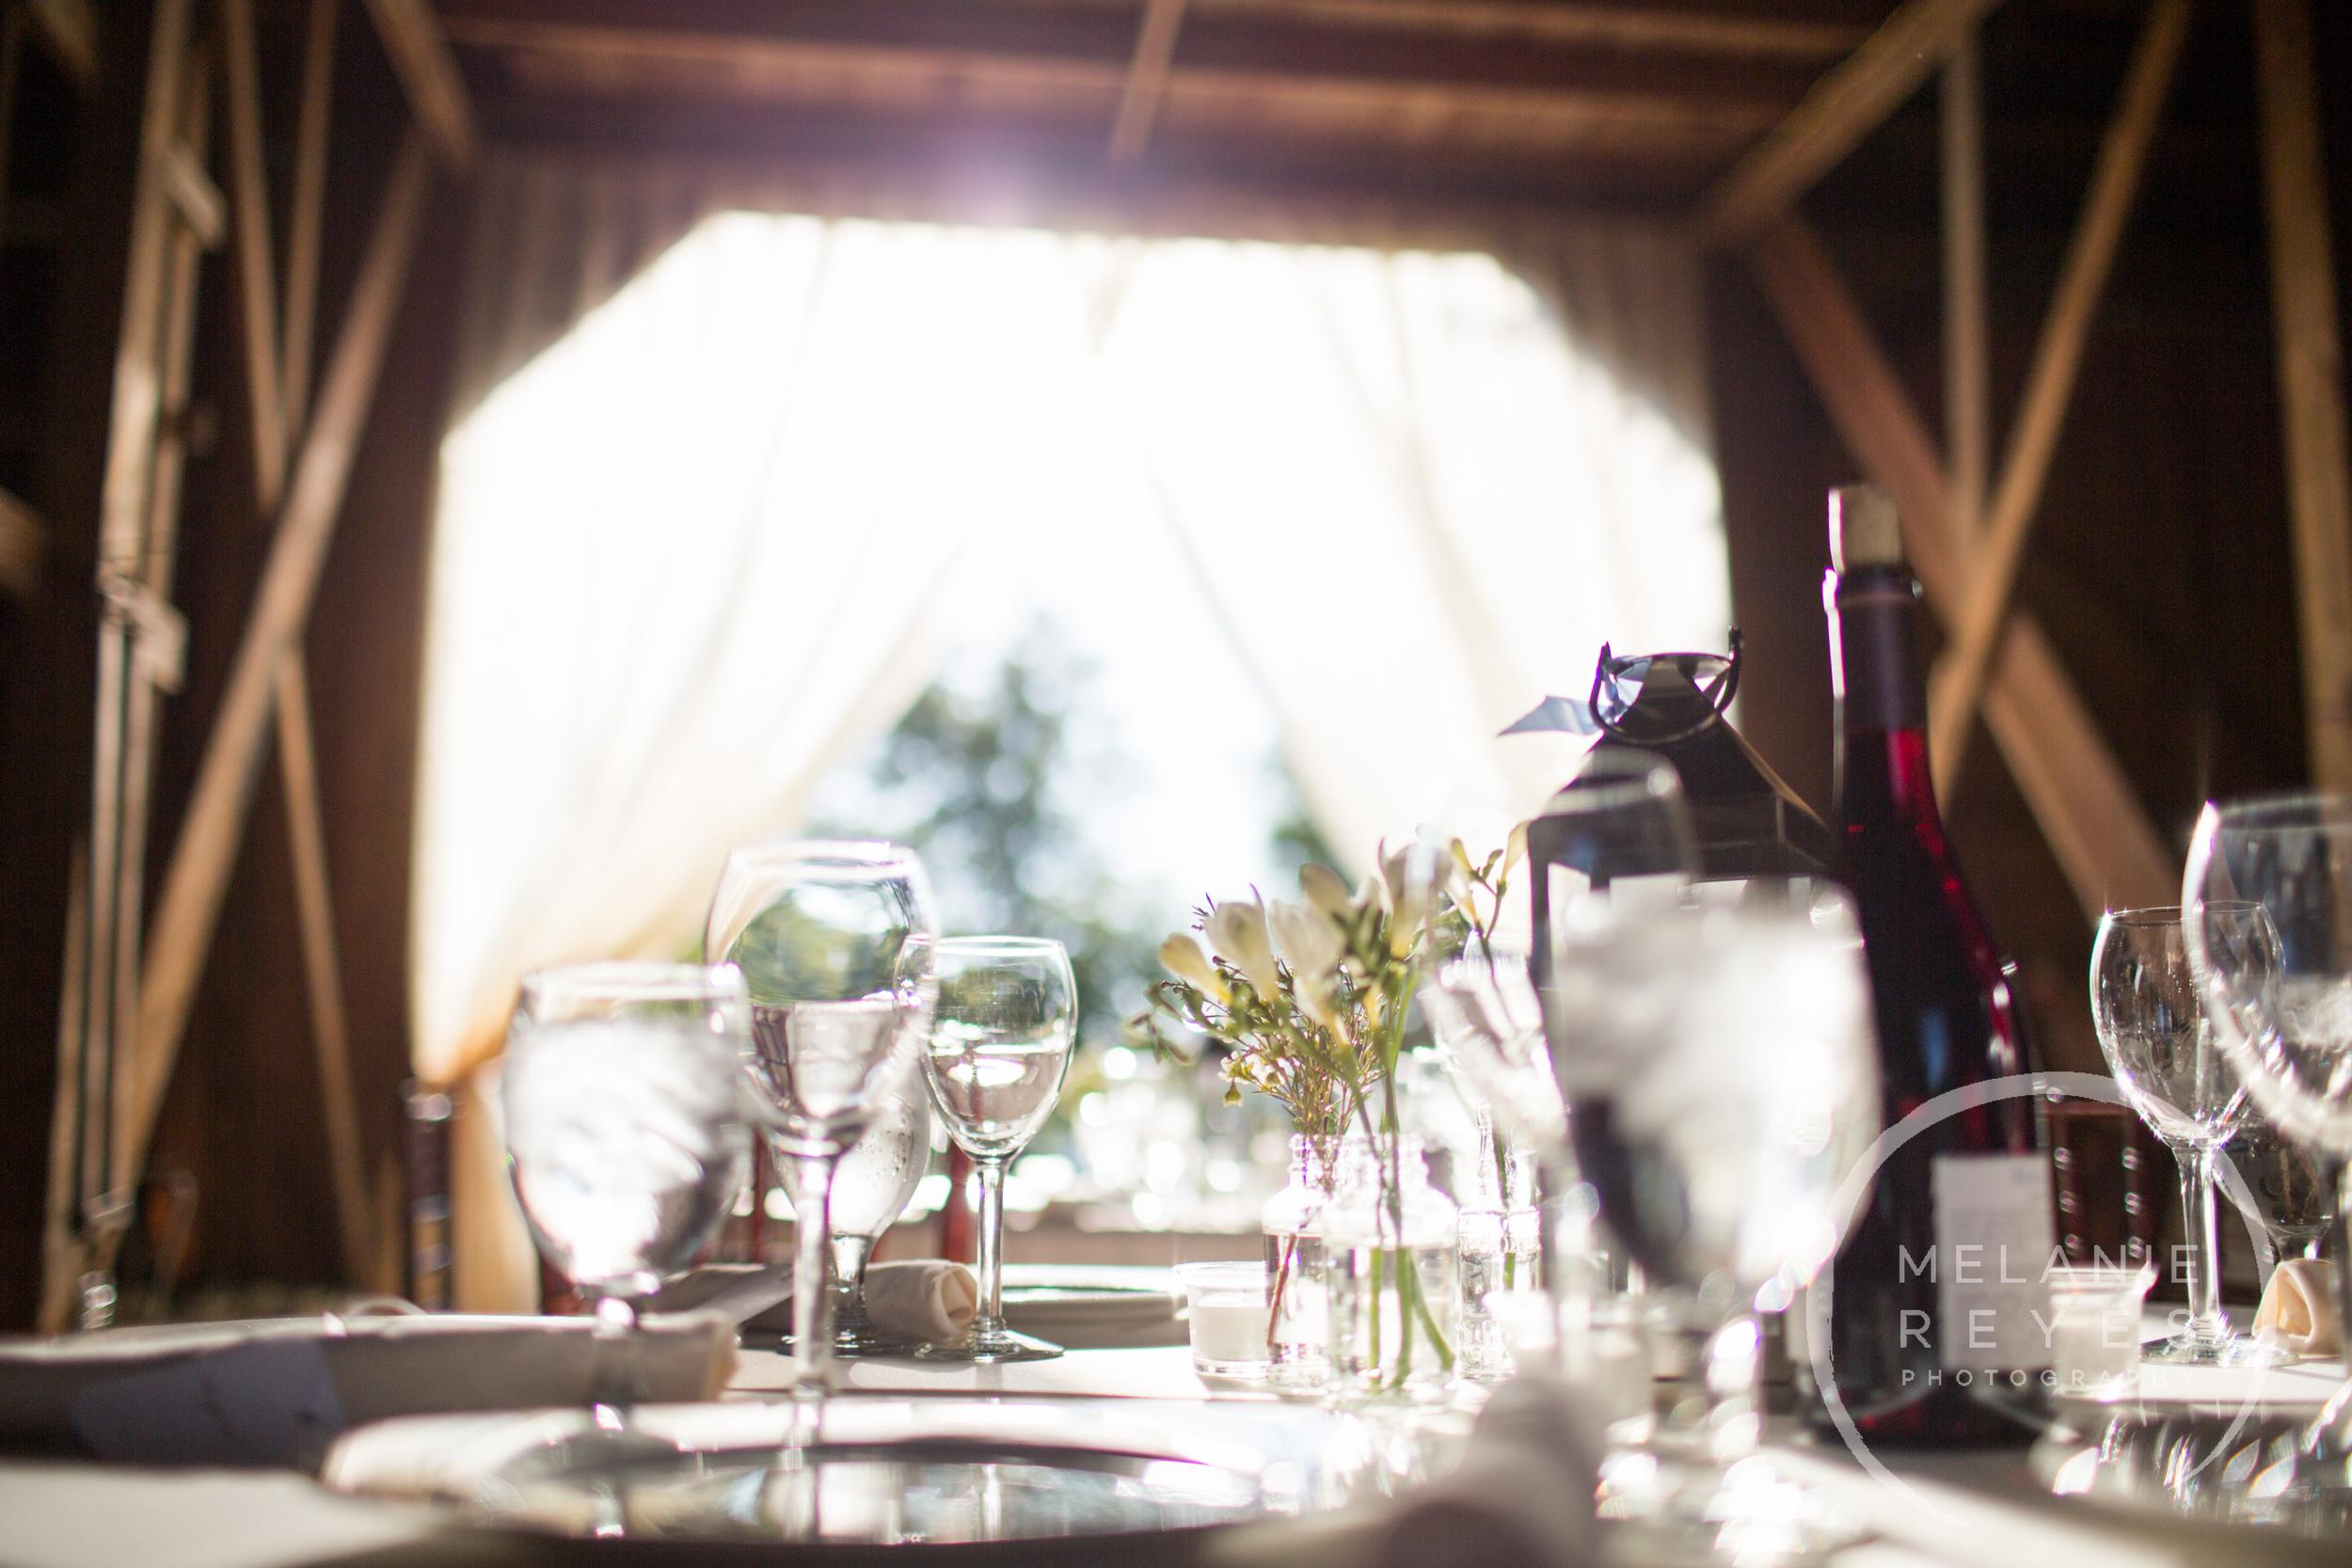 062_farm_wedding_melanie_reyes.JPG